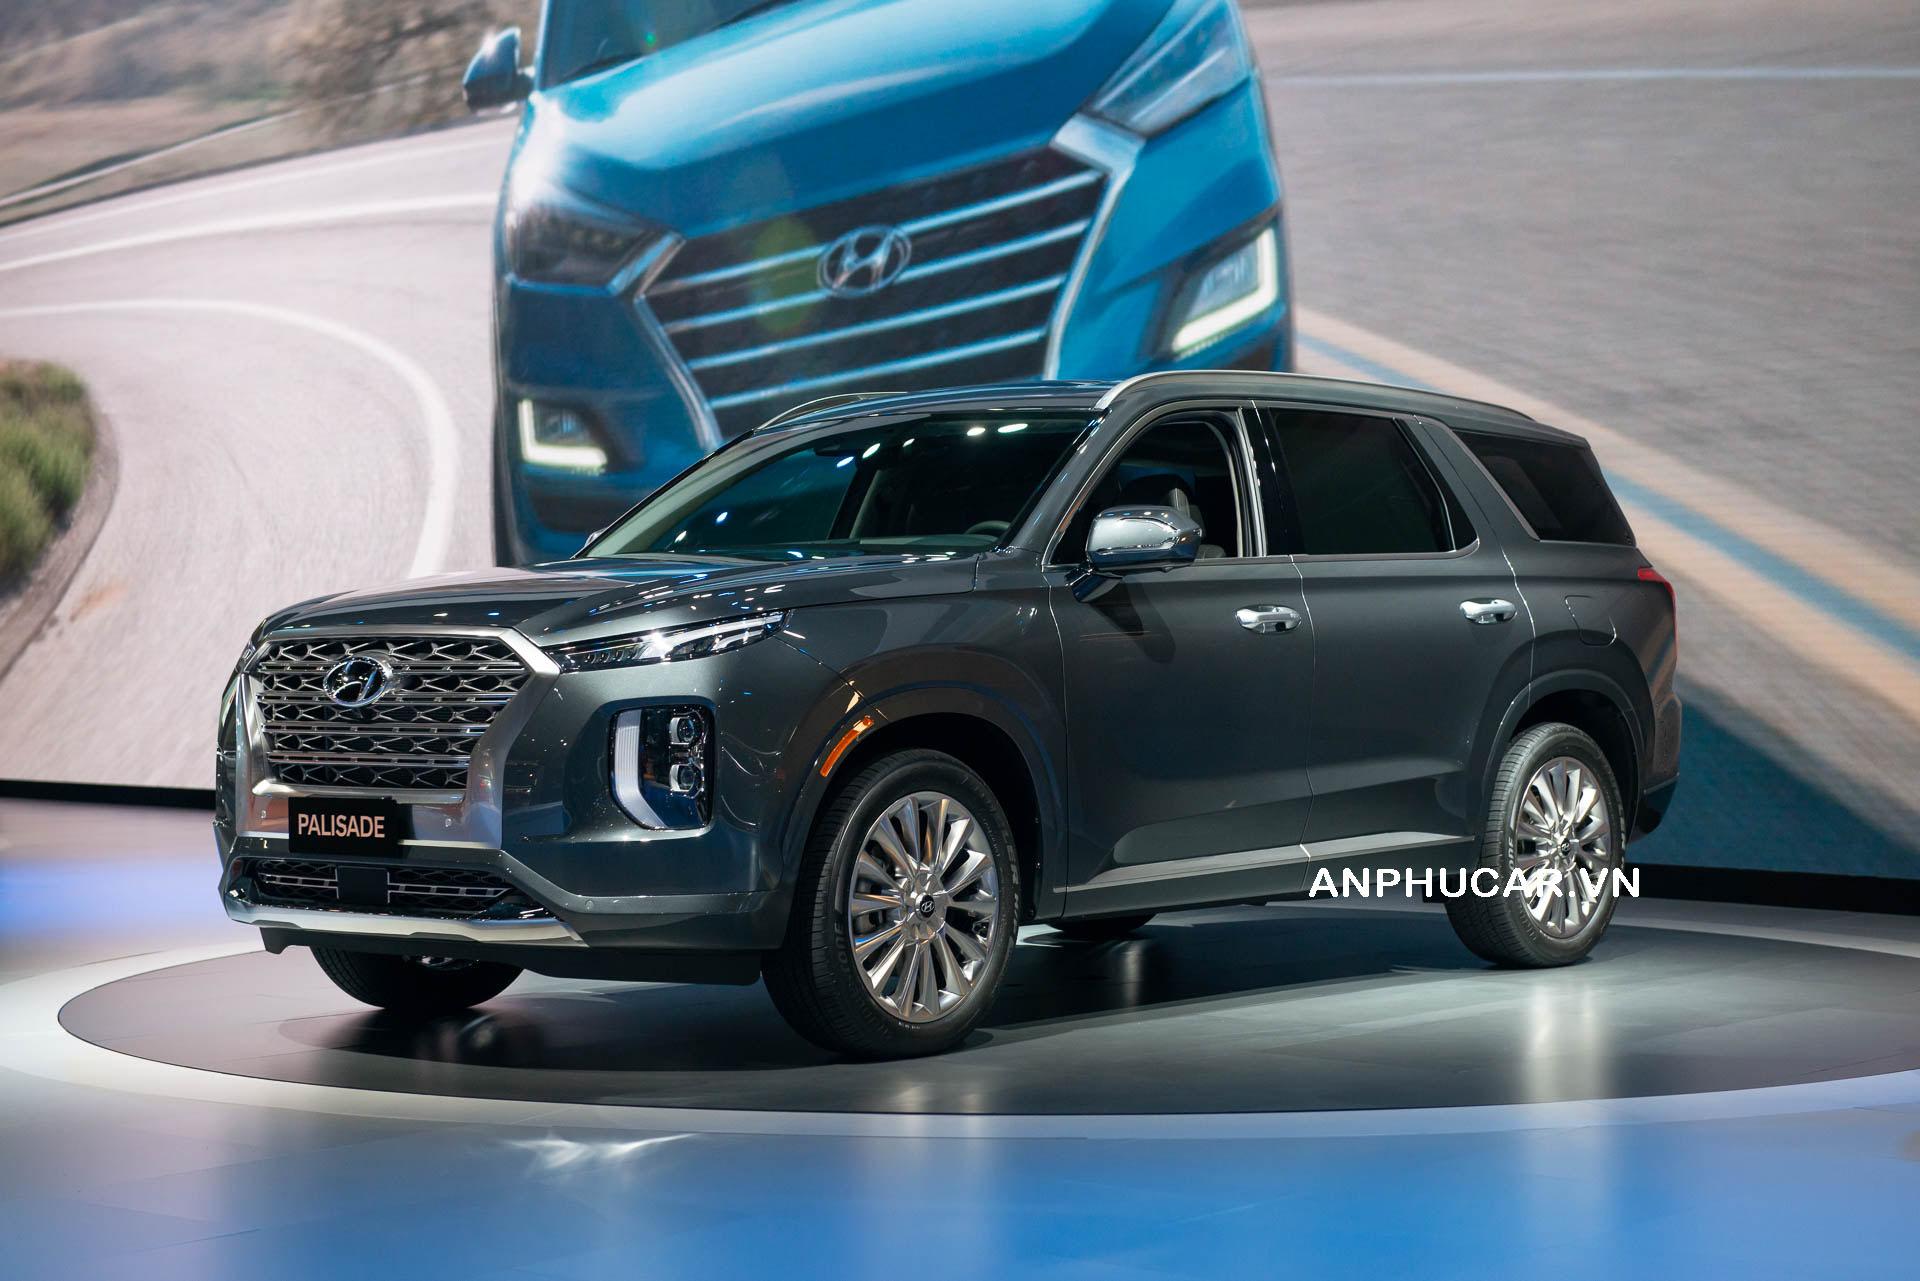 Hyundai Palisade 2020 ngoại thất tiện nghi sang trọng